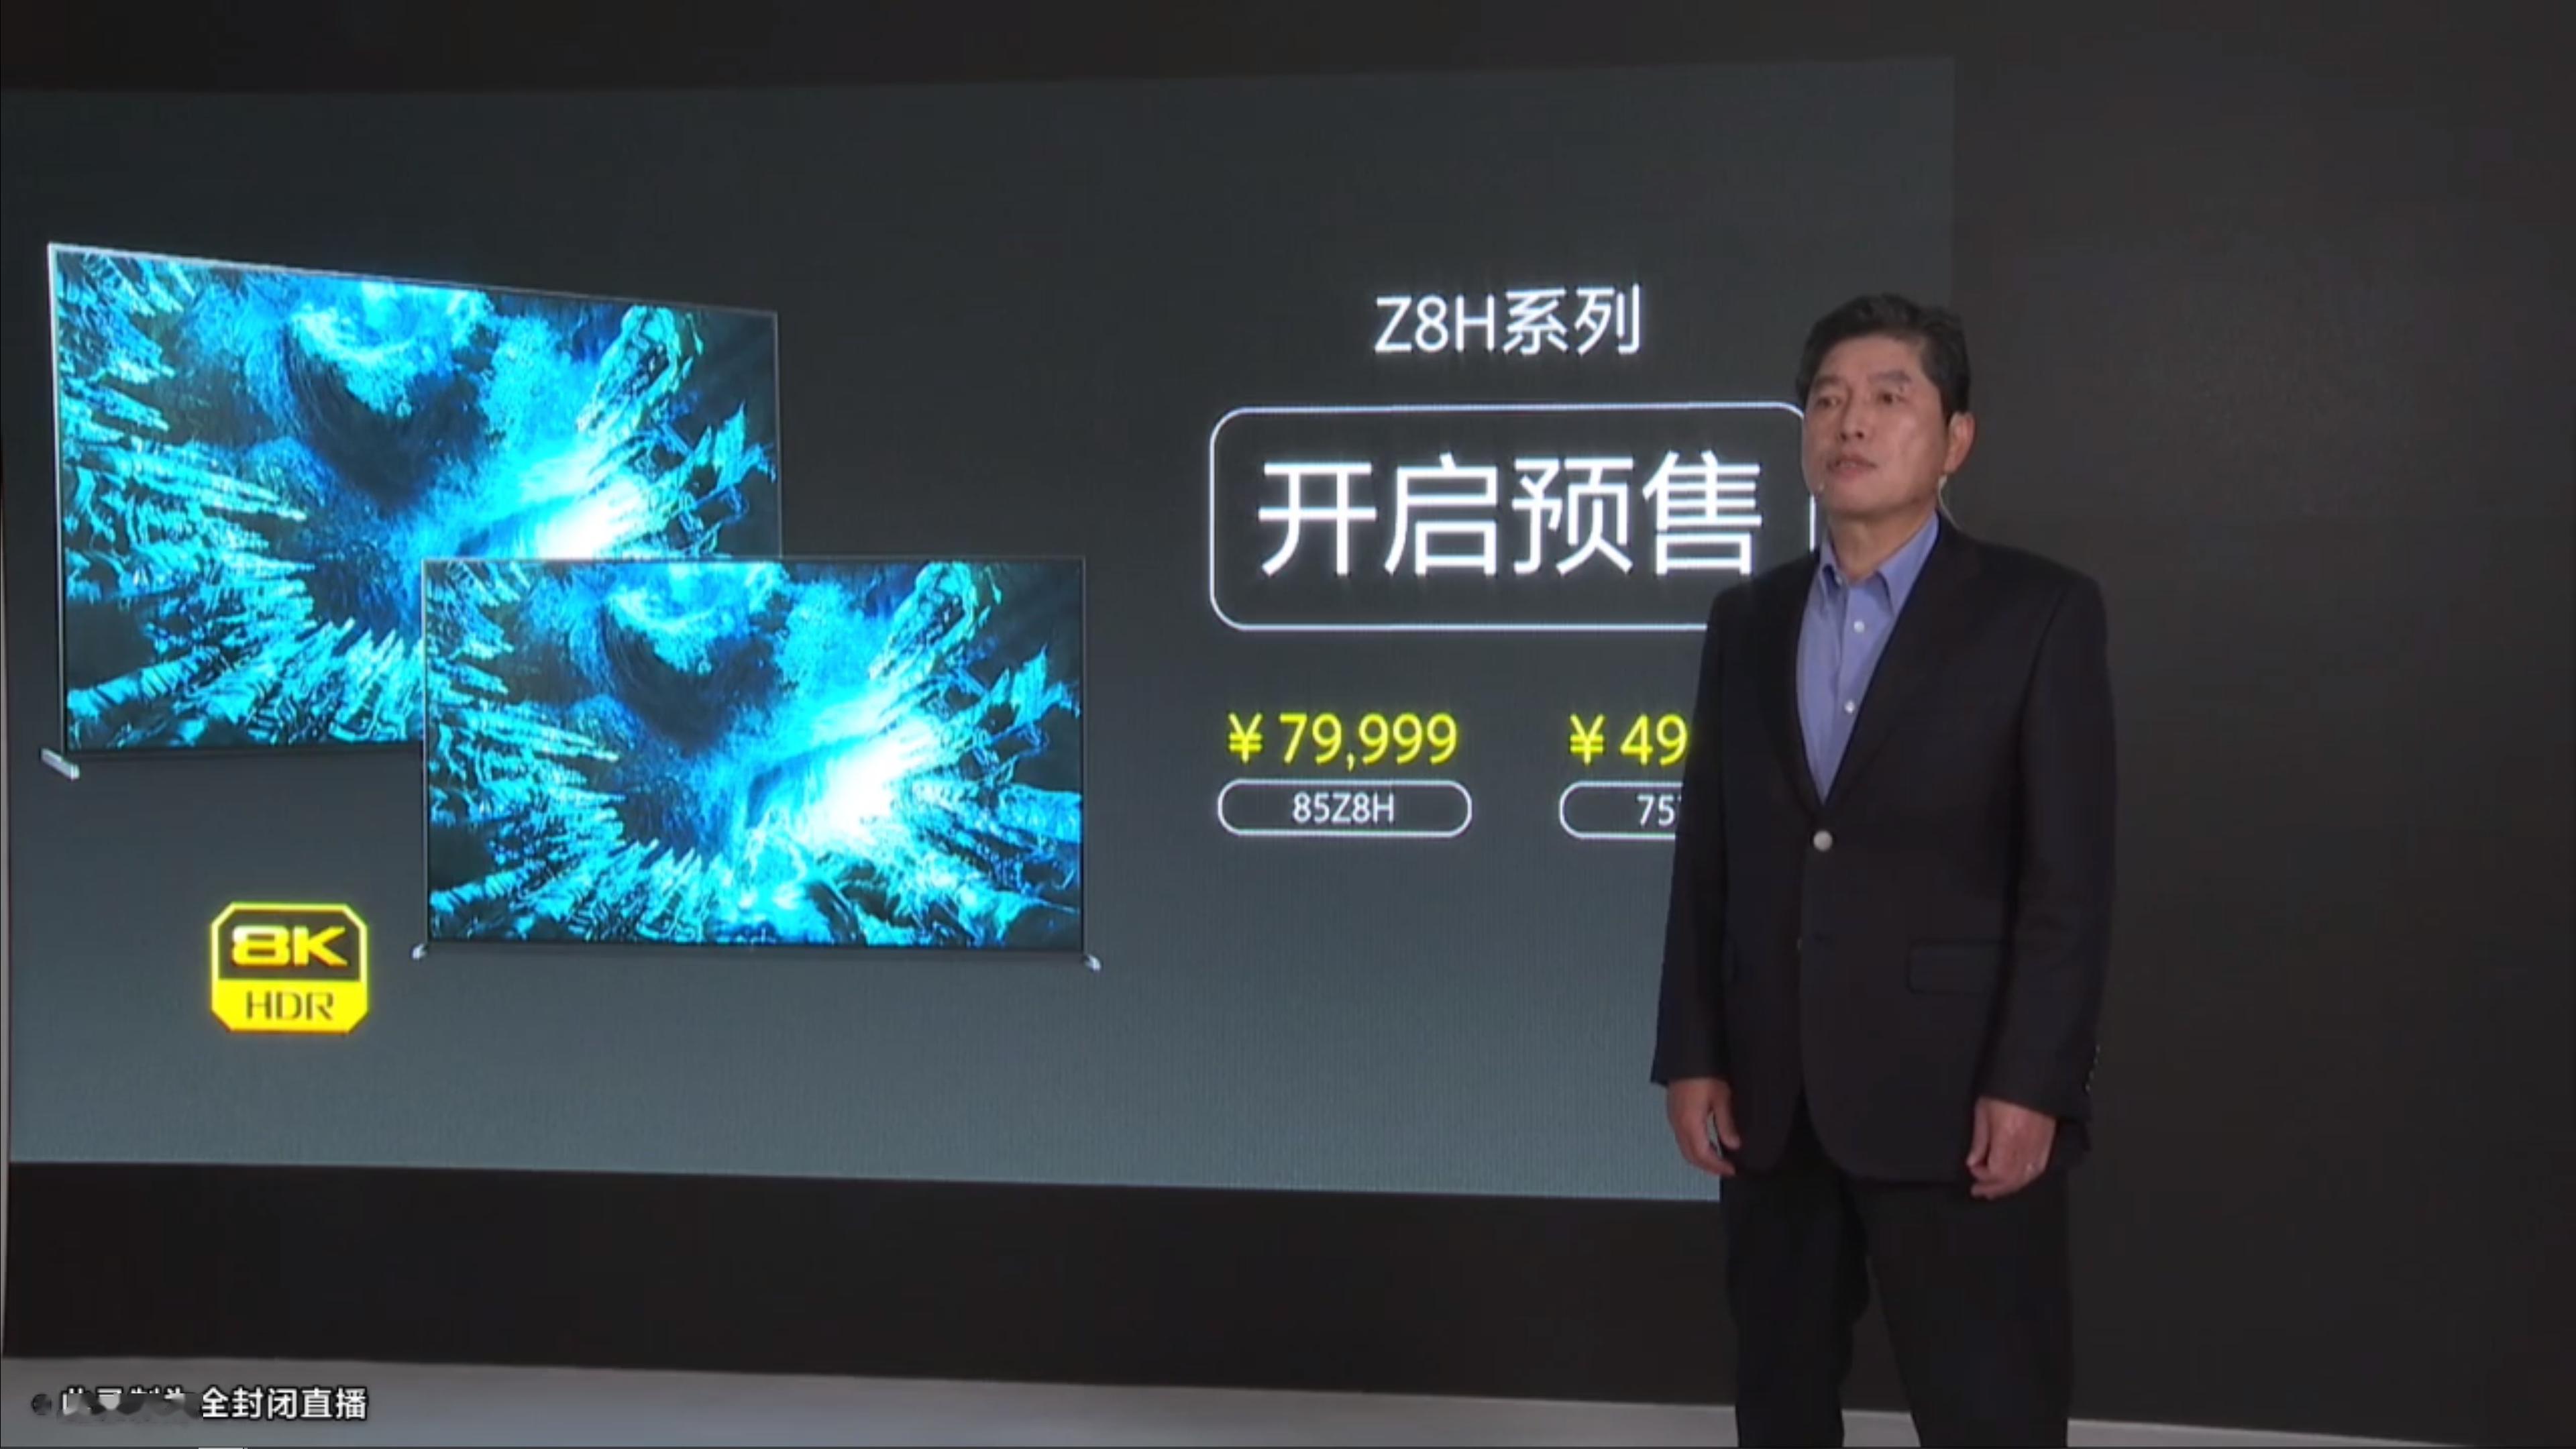 智能系统全面升级,索尼春季电视新品发布